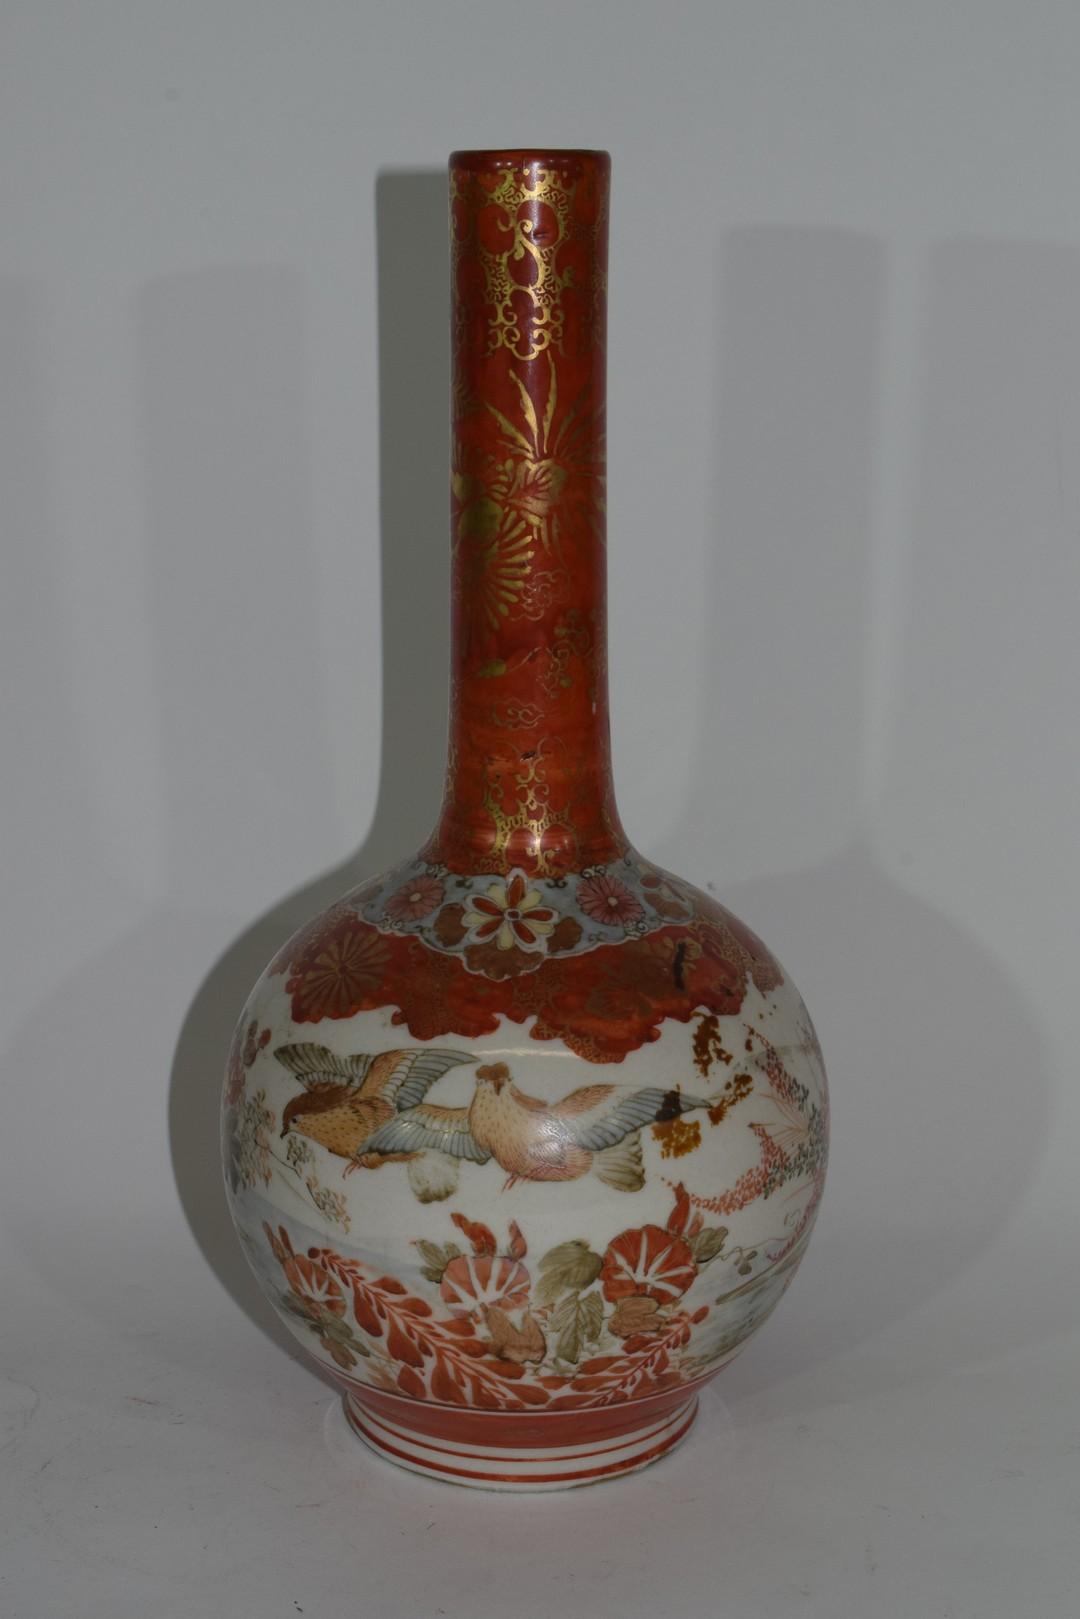 Group of Japanese Kutani style vases - Image 7 of 18